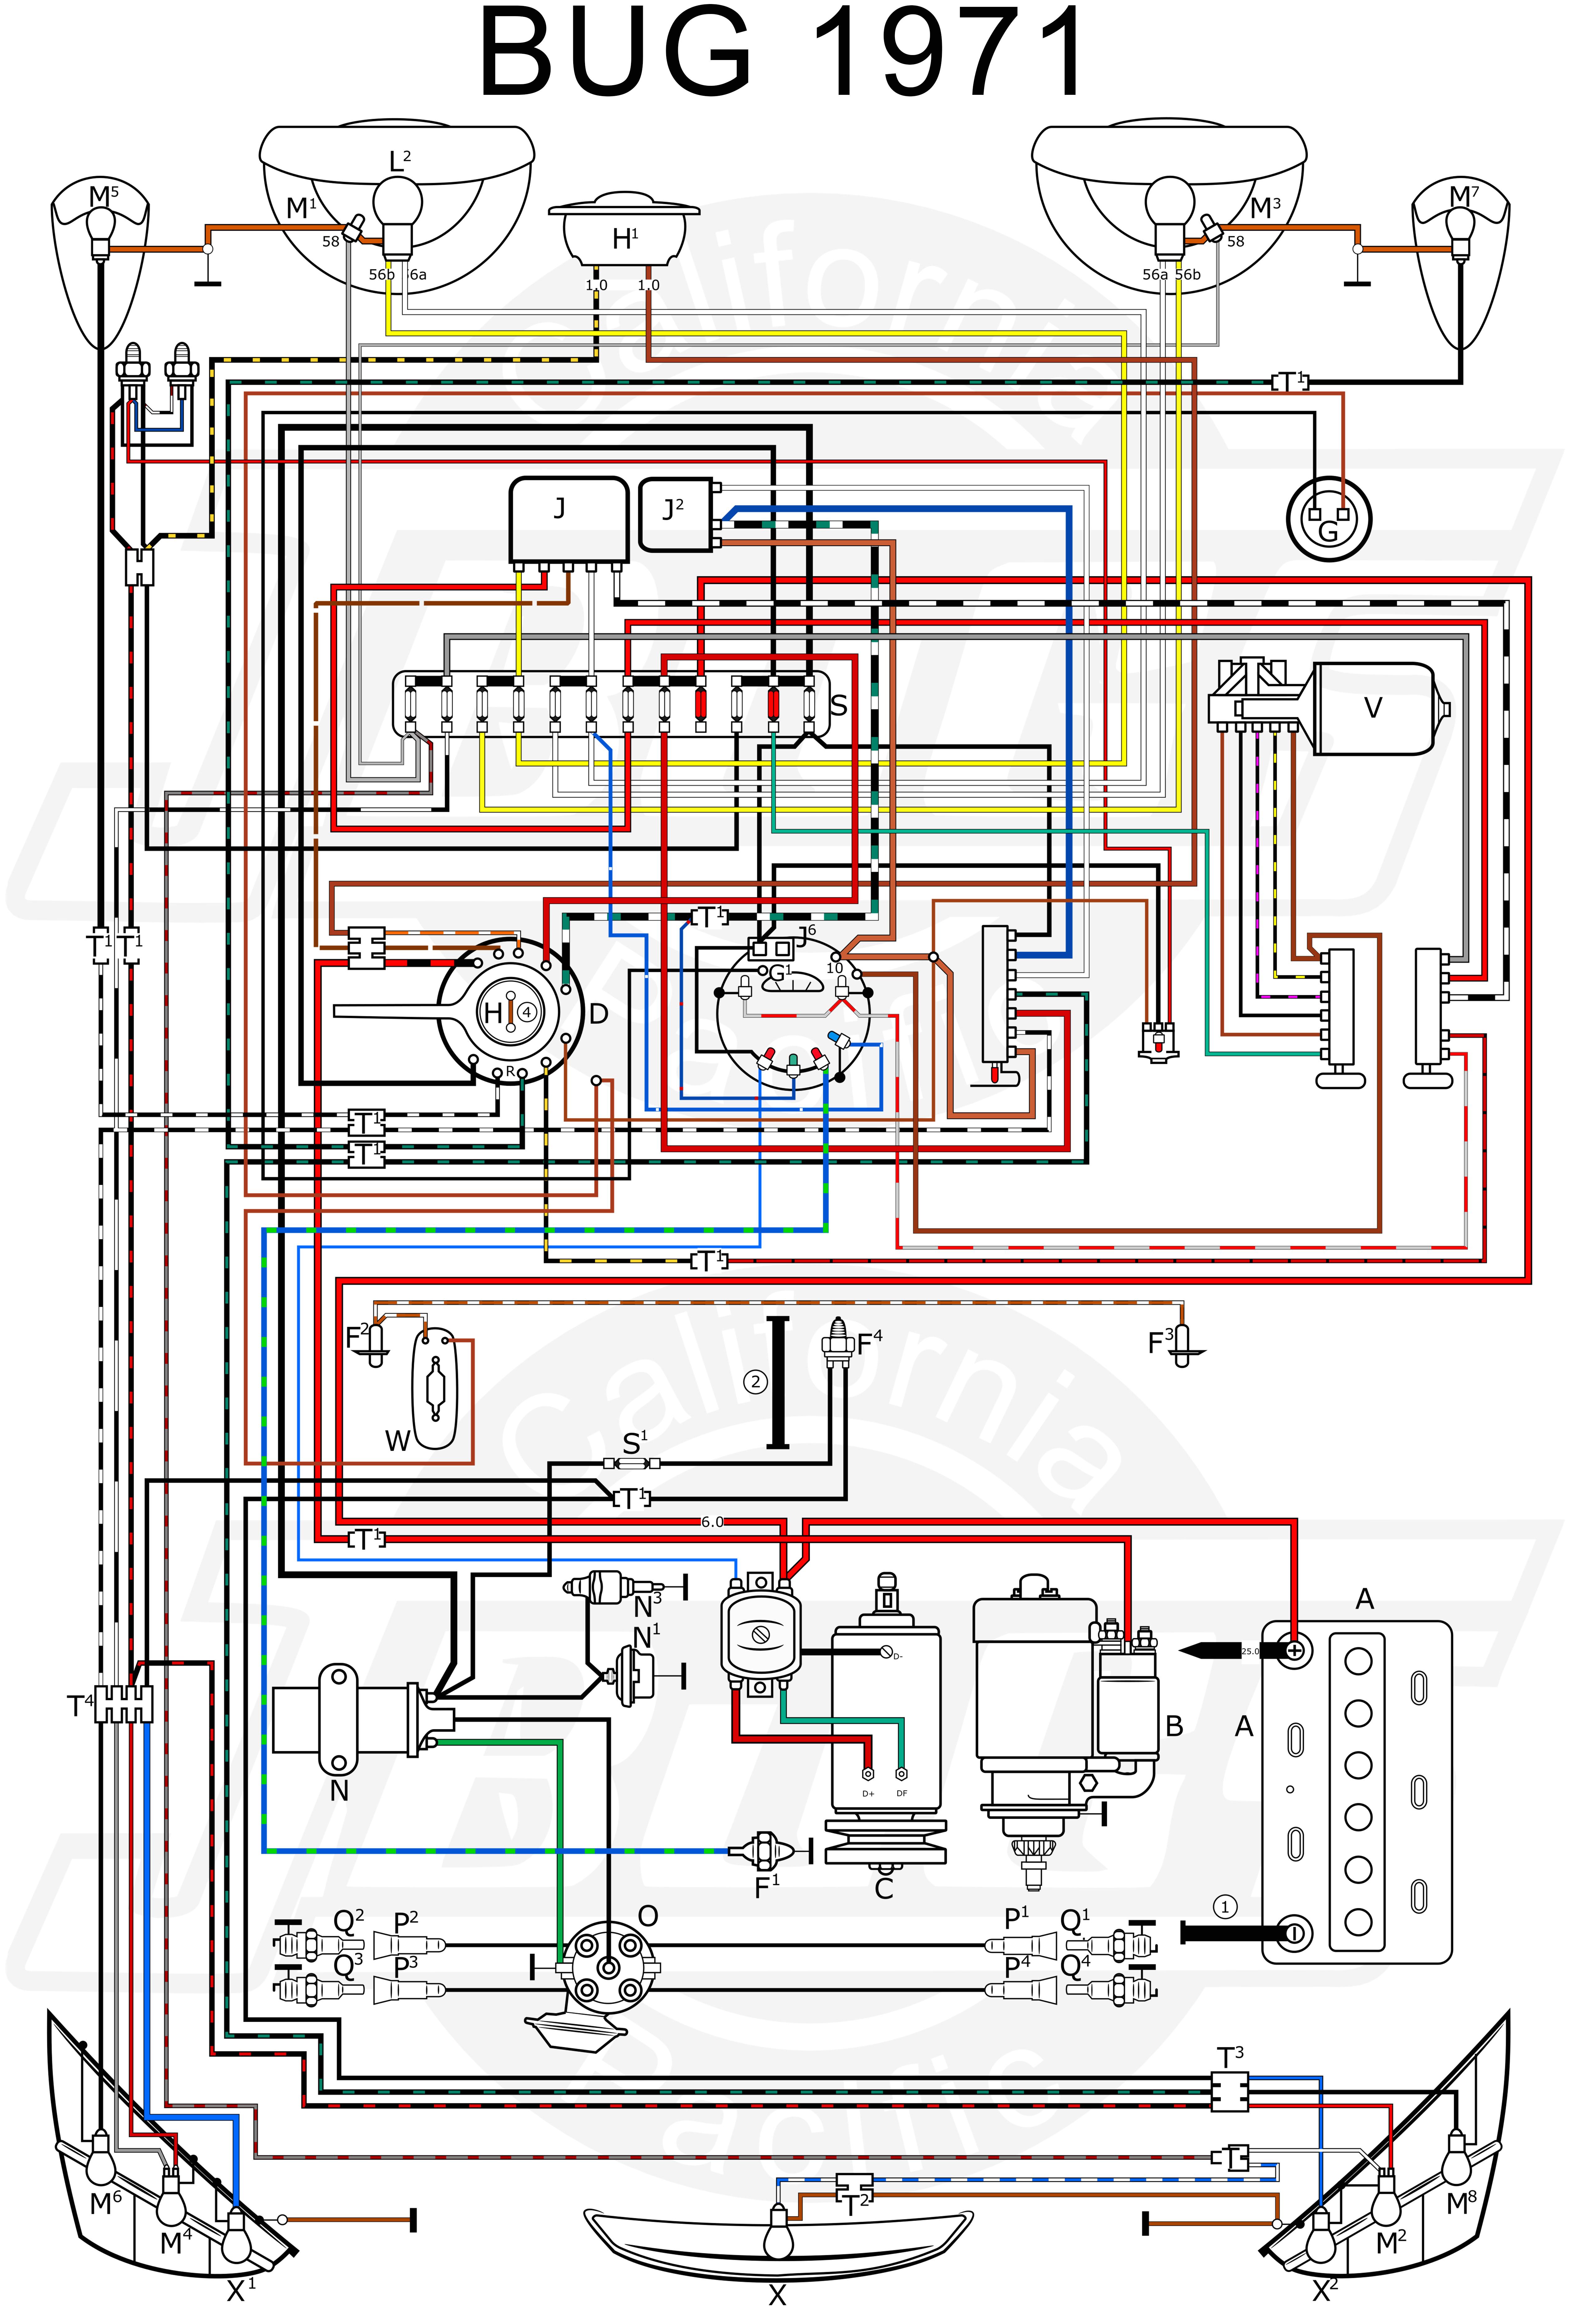 1971 Vw Beetle Wiring Diagram 1971 Vw Super Beetle Fuse Diagram Wiring Diagram Files